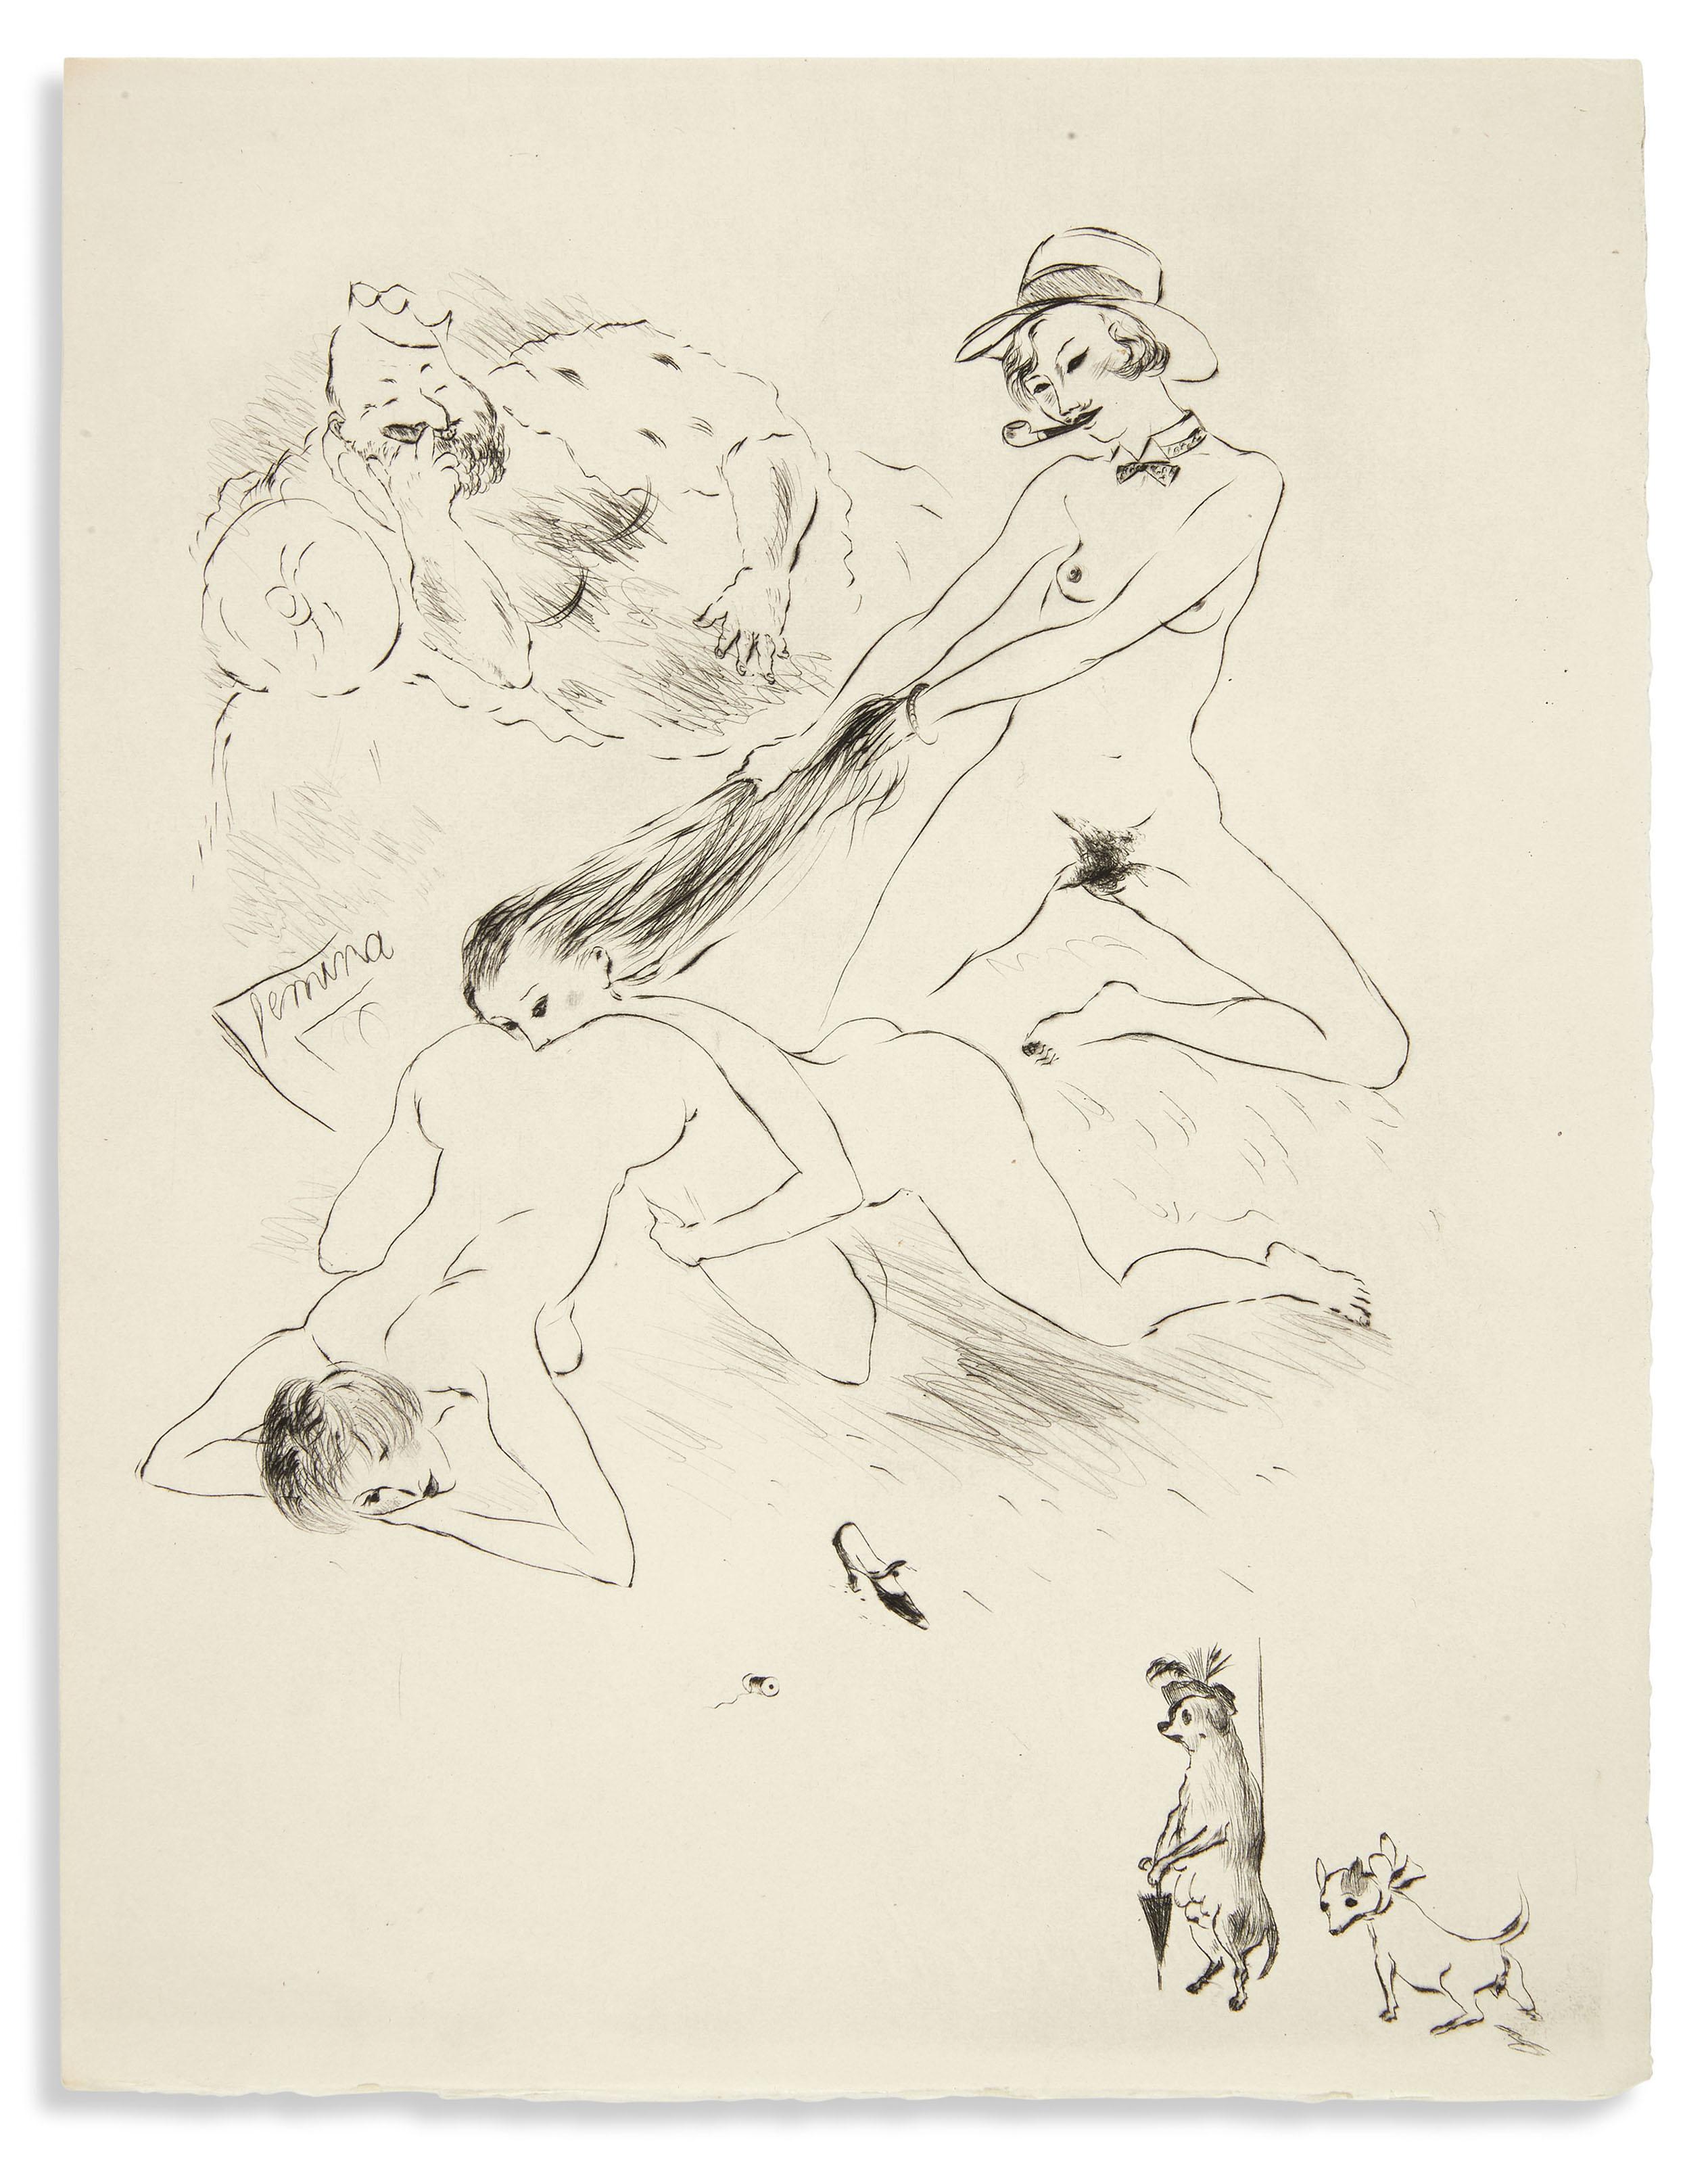 LOUŸS (P.) – VERTÈS (M.). Les Aventures du roi Pausole. Paris, Aux dépens d'un amateur, 1930, in-4°, en feuilles, couverture, chemise et étui d'éditeur.